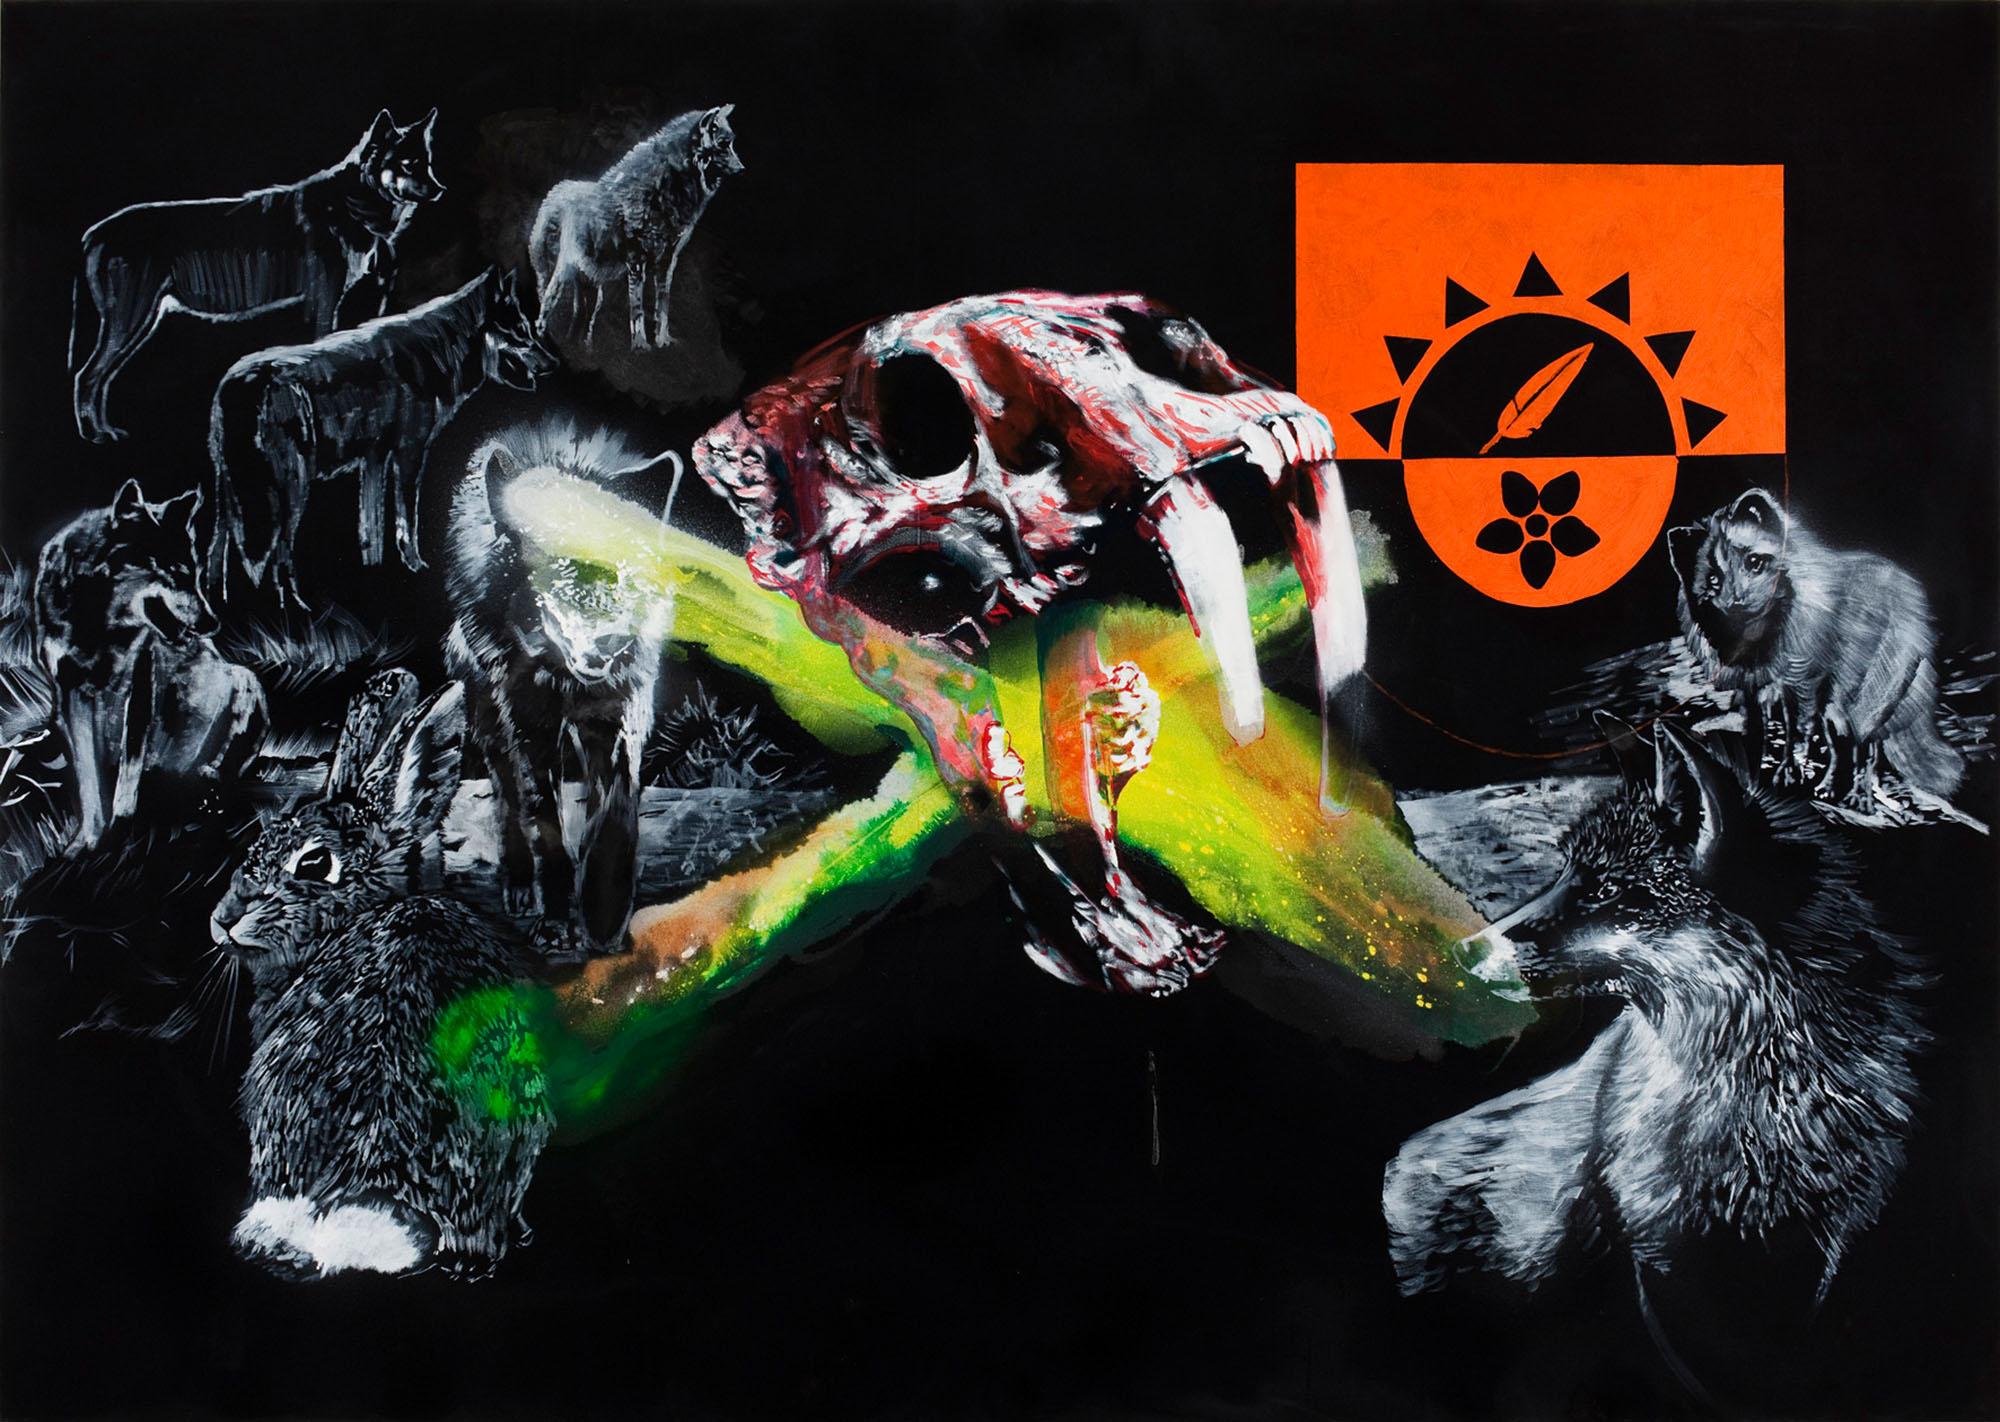 """o.T. aus """"Krähen Kommen -Titanweiß"""", 2008, 190 x 270 cm, Mischtechnik auf Leinwand"""